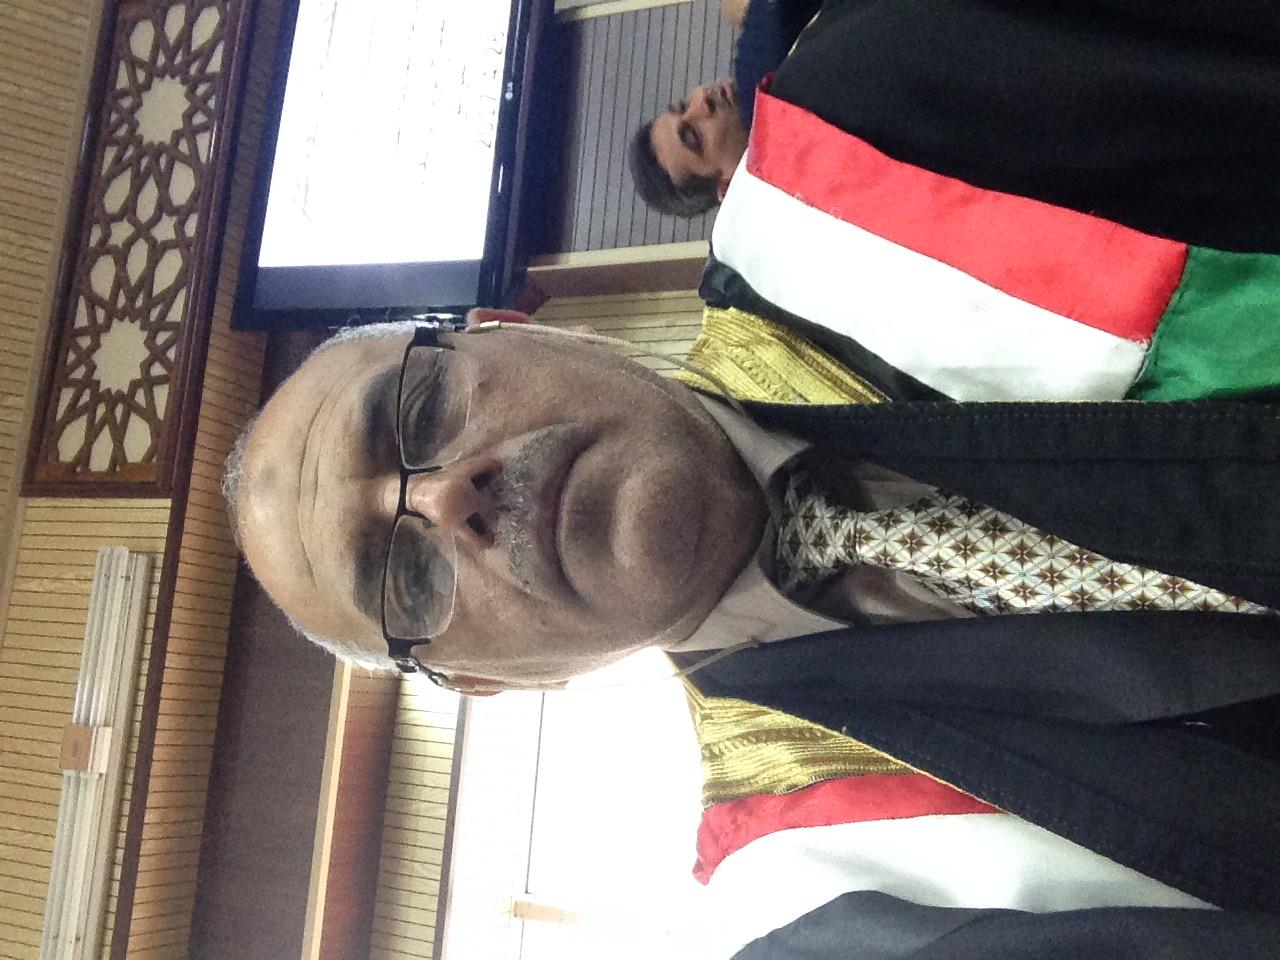 Dhia Salem Ali Alwaily